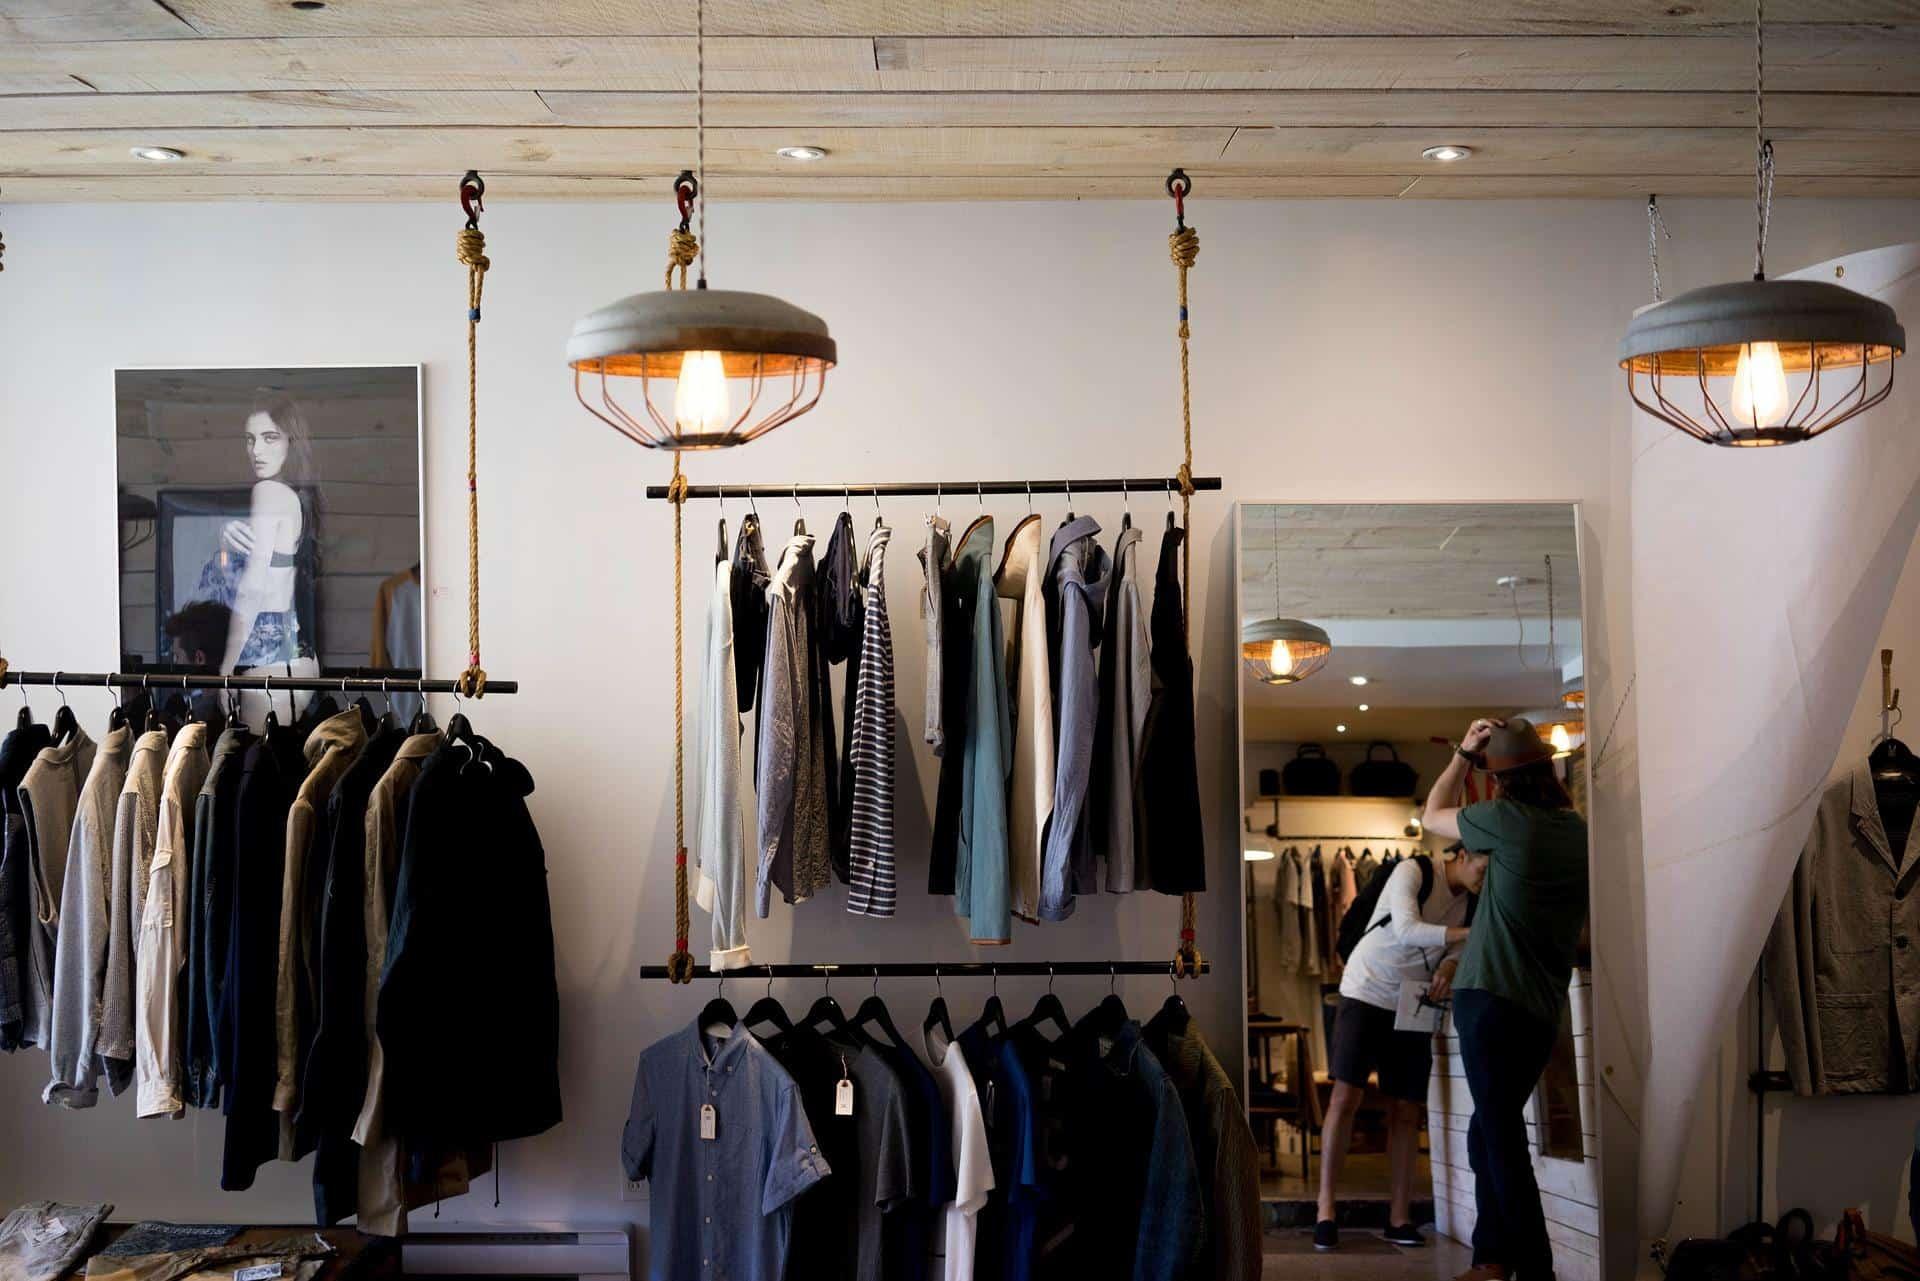 clothing store 984396 1920 - Glasheizungsstrahler und Wärmespiegel